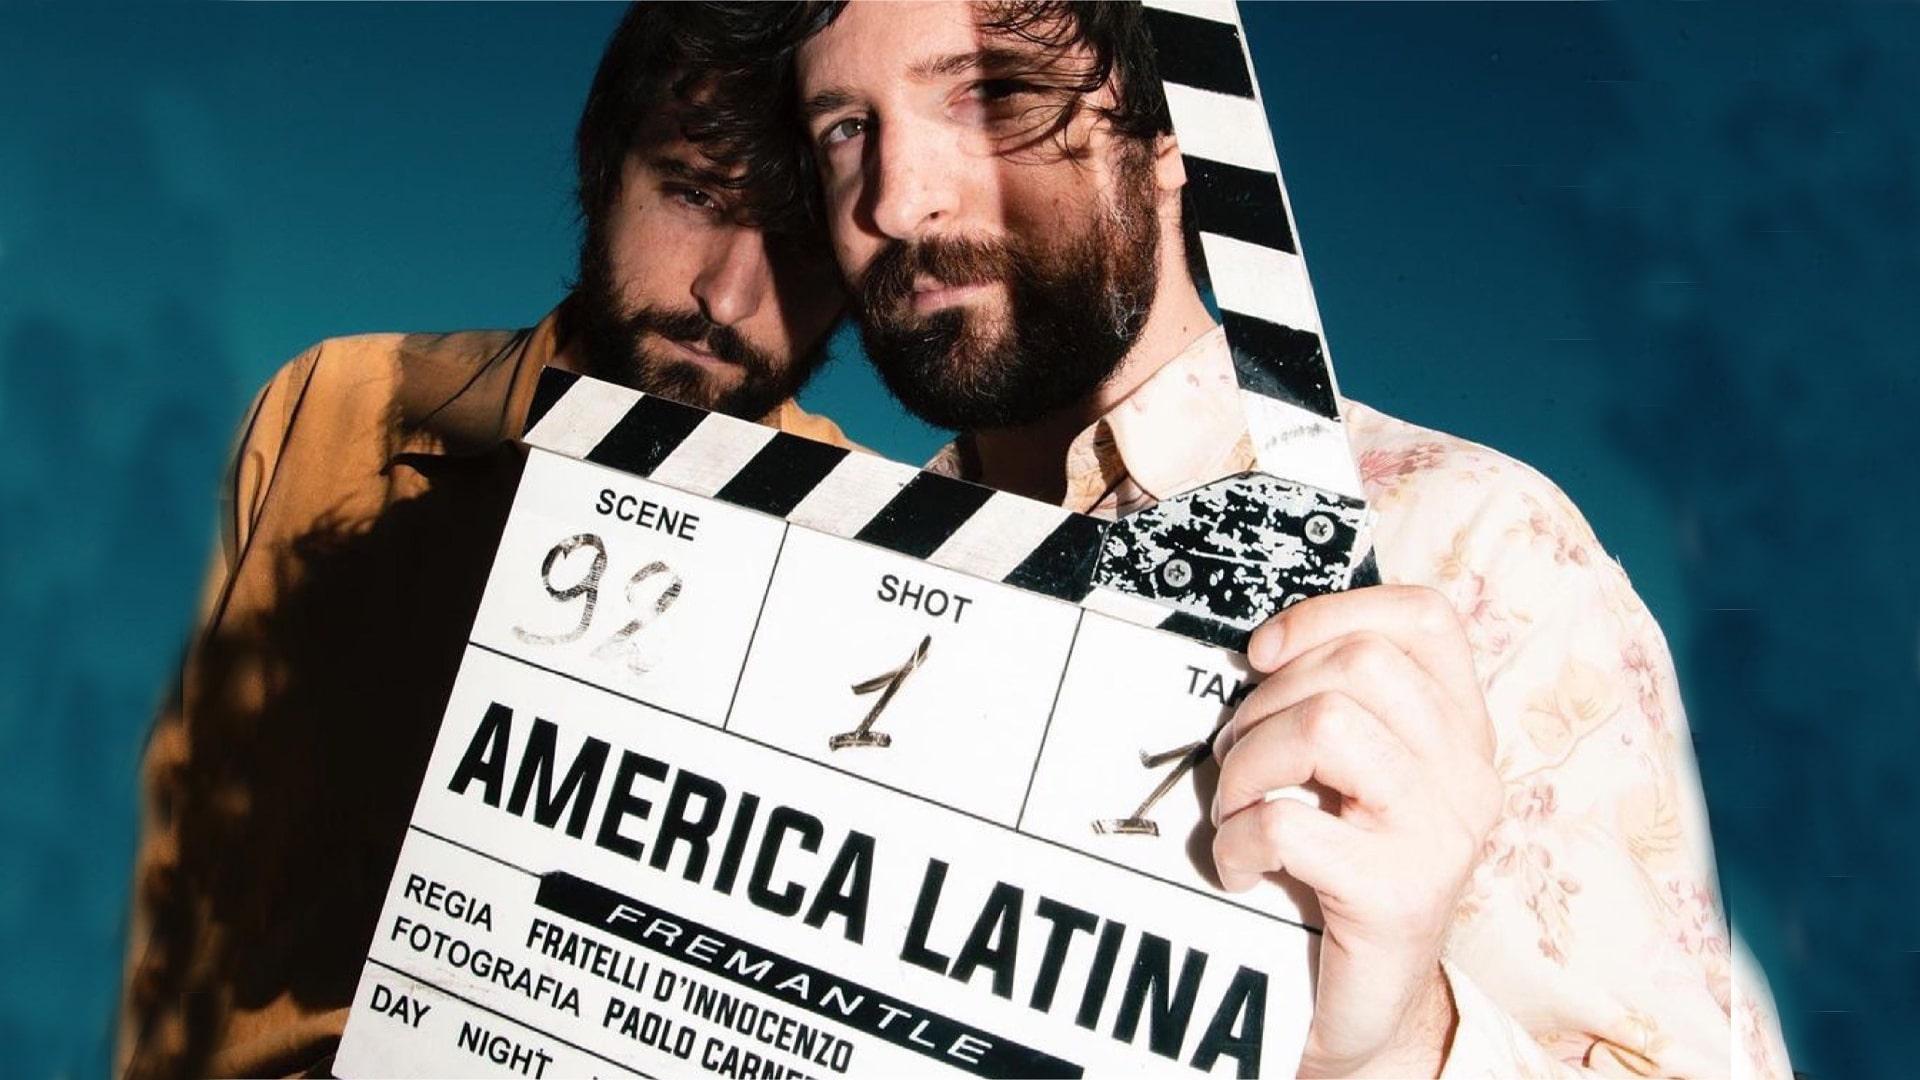 America Latina - Cinemando.blog